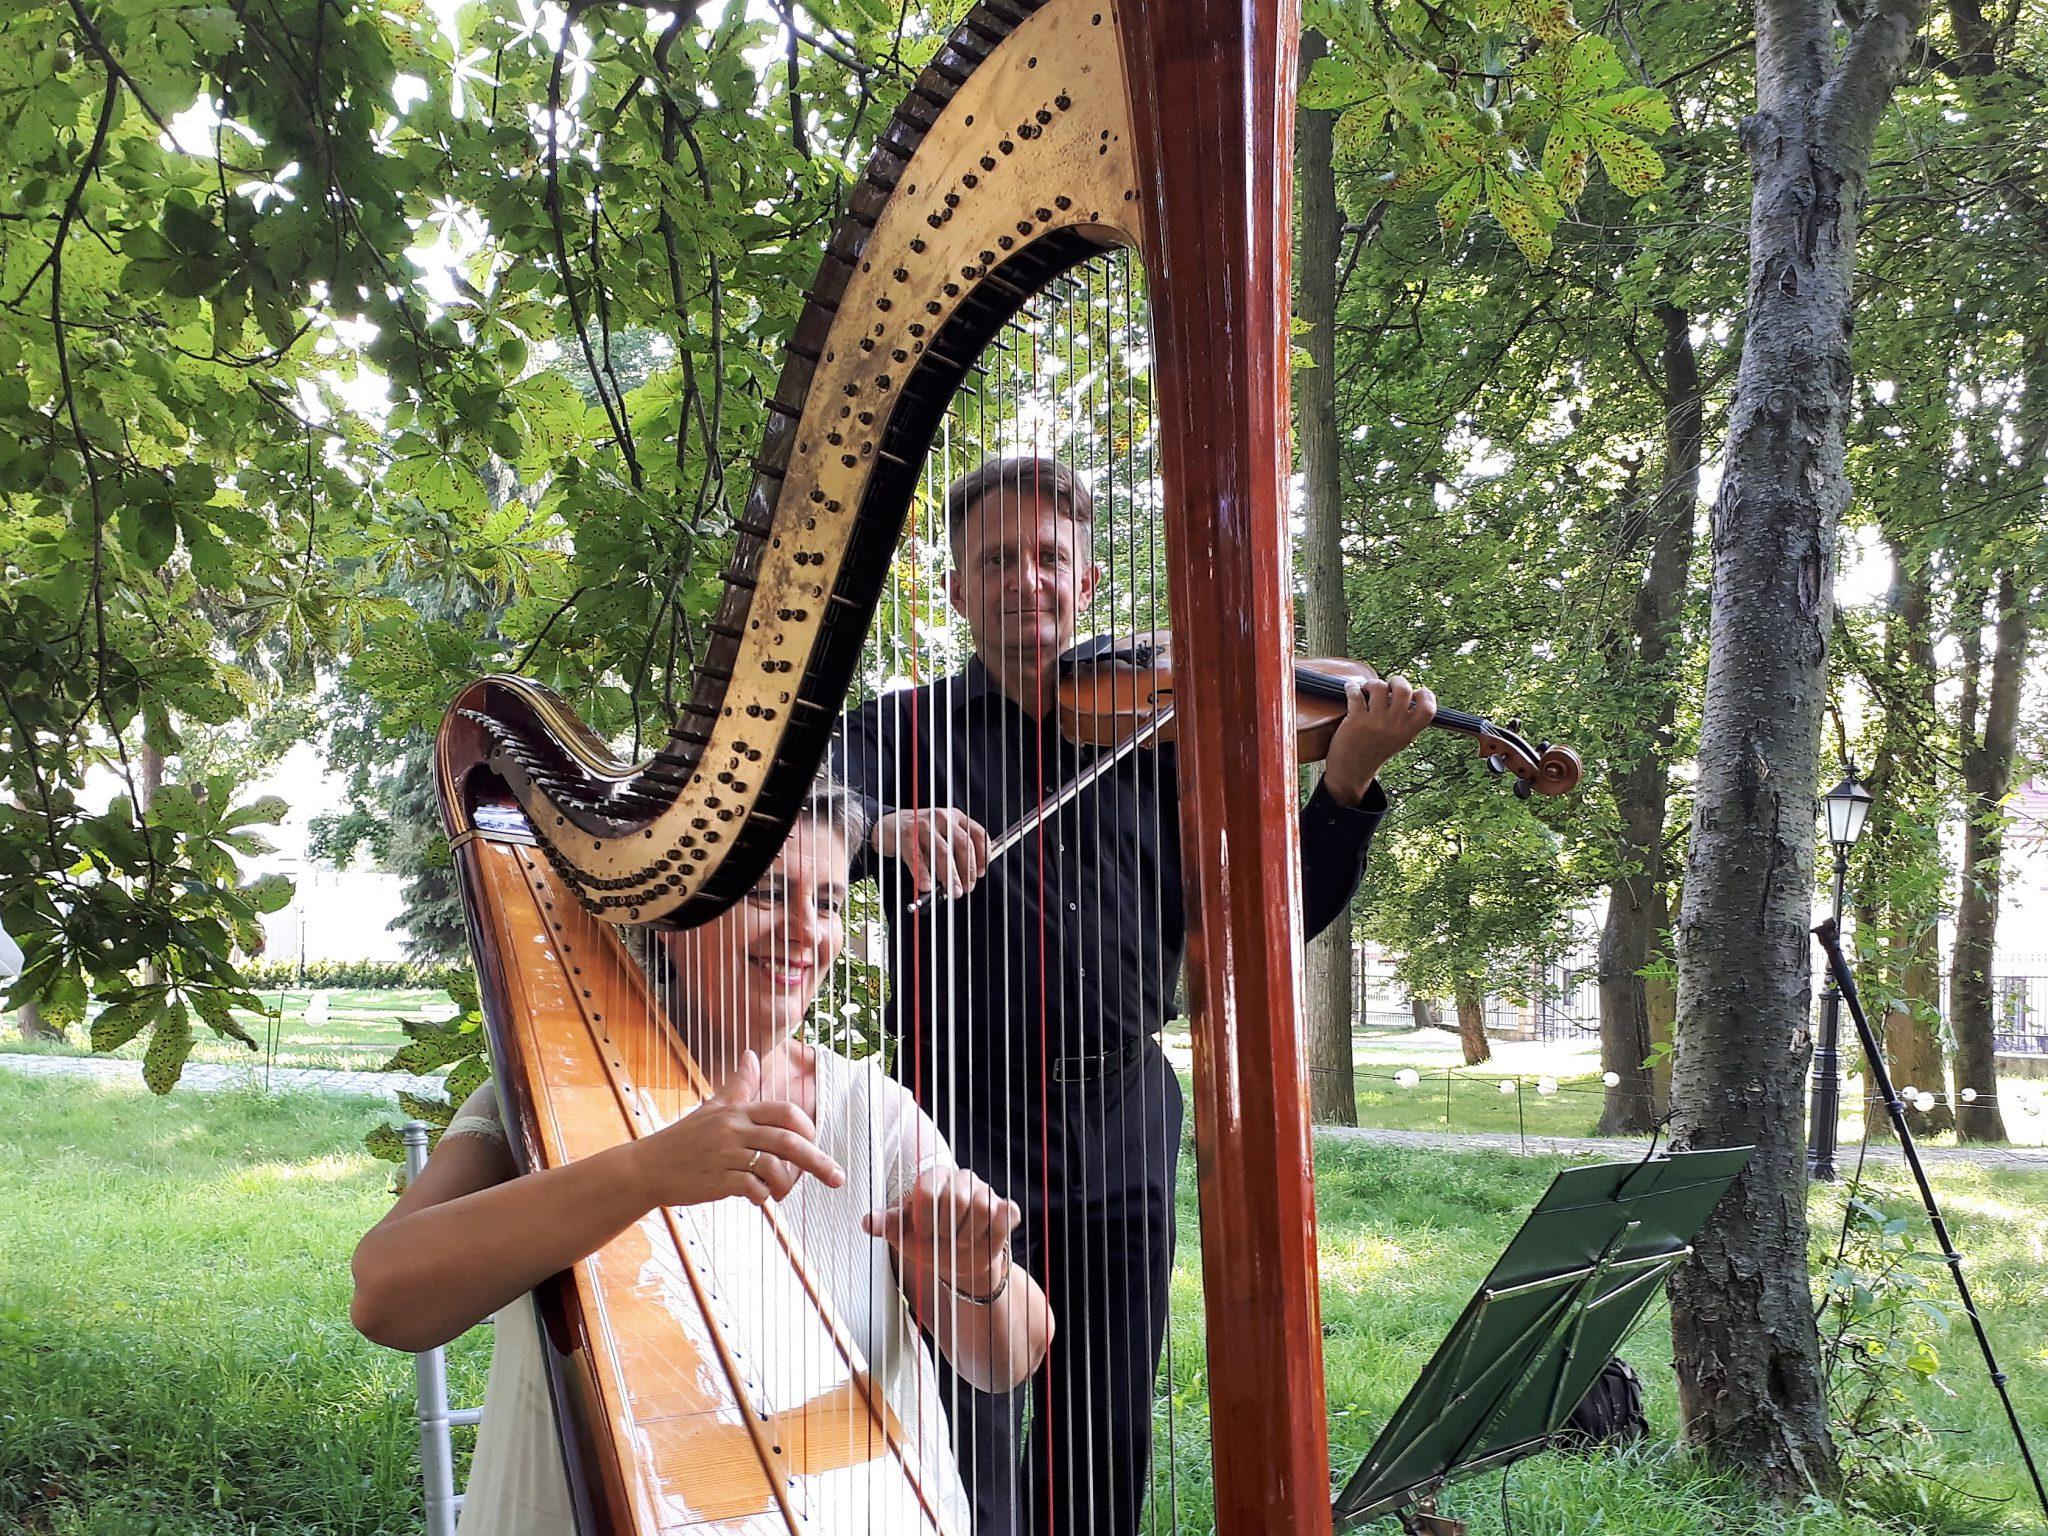 Muzycy na uroczyste pogrzeby-skrzypce,wokalistka,harfa,trąbka-Poznań,Kalisz,Leszno-wielkopolskie